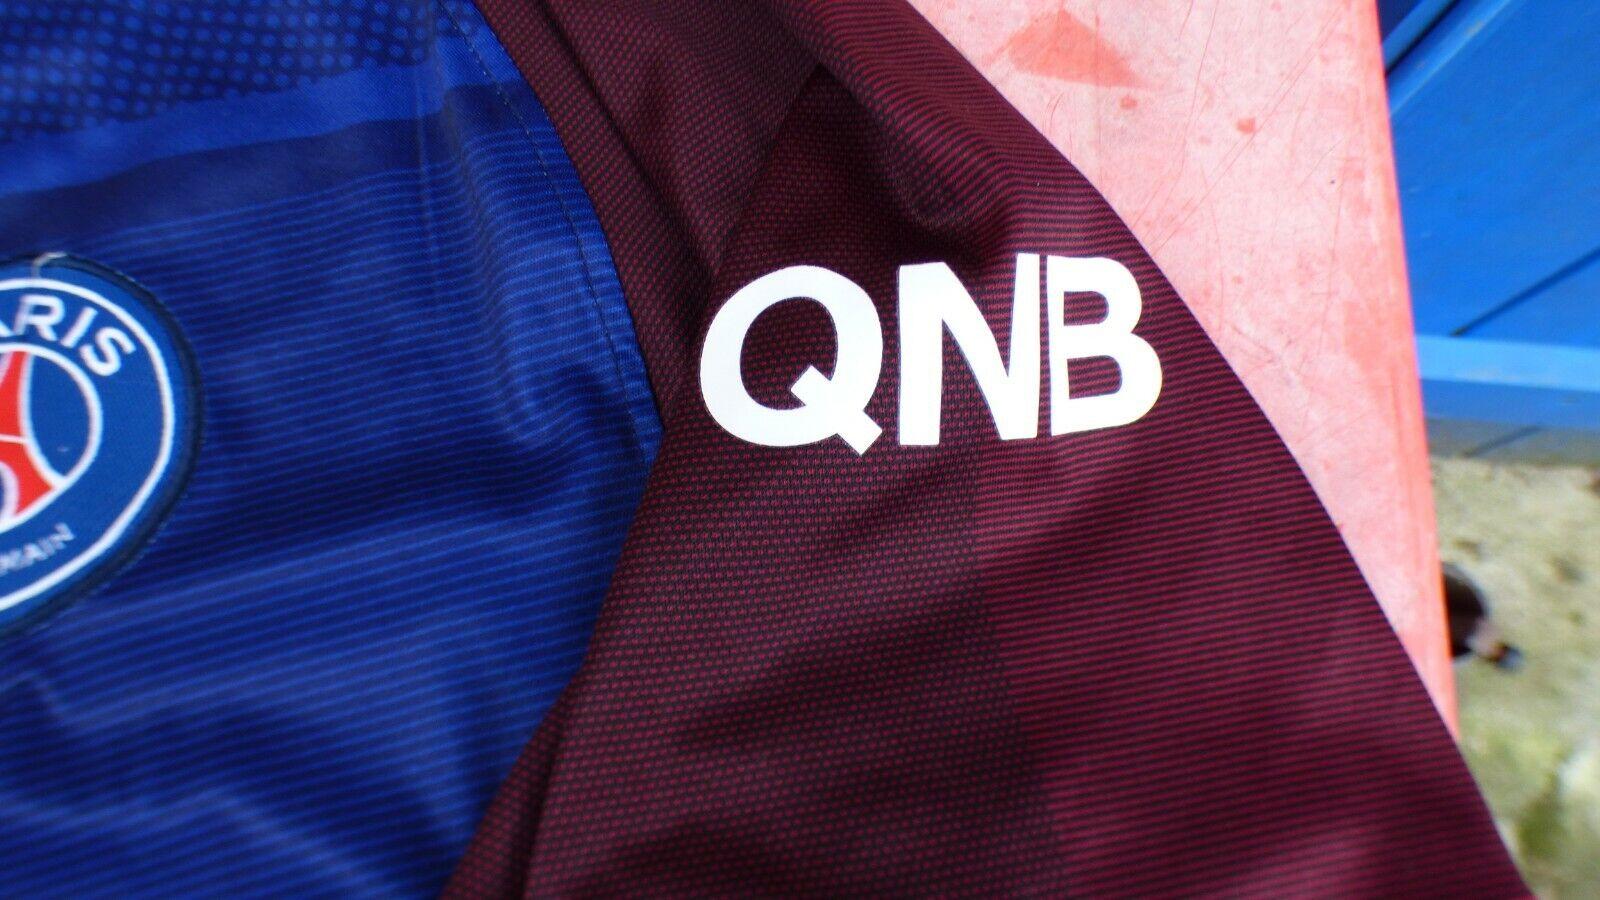 Fußballtrikot PSG XL XL XL Fly Emirate QNB d873ea